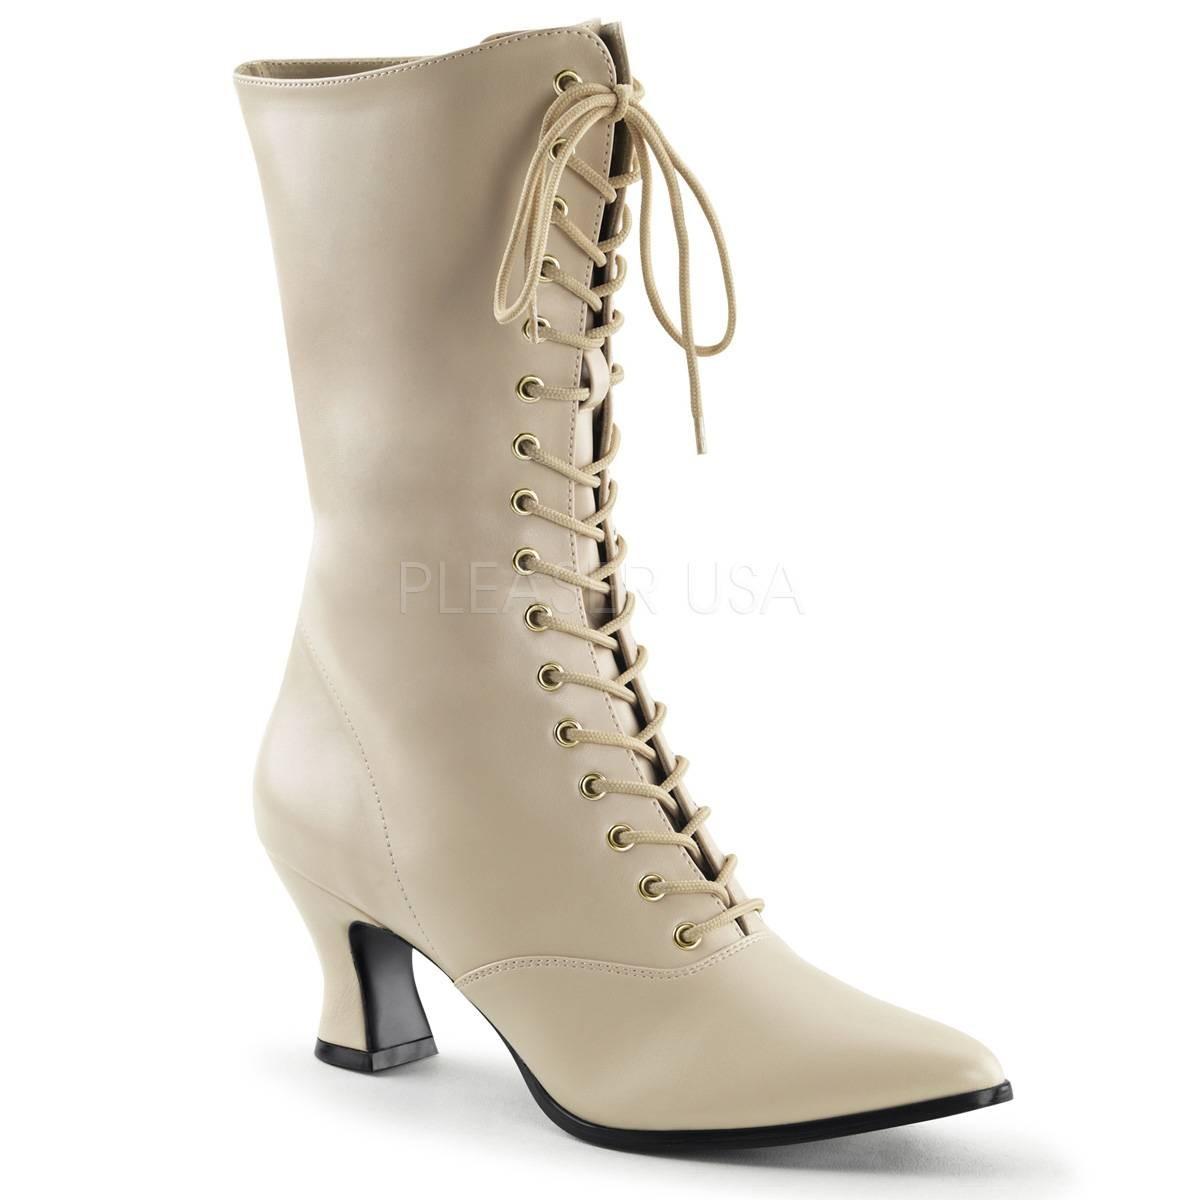 Stiefel - VICTORIAN 120 ° Damen Stiefel ° Elfenbein Matt ° Funtasma  - Onlineshop RedSixty